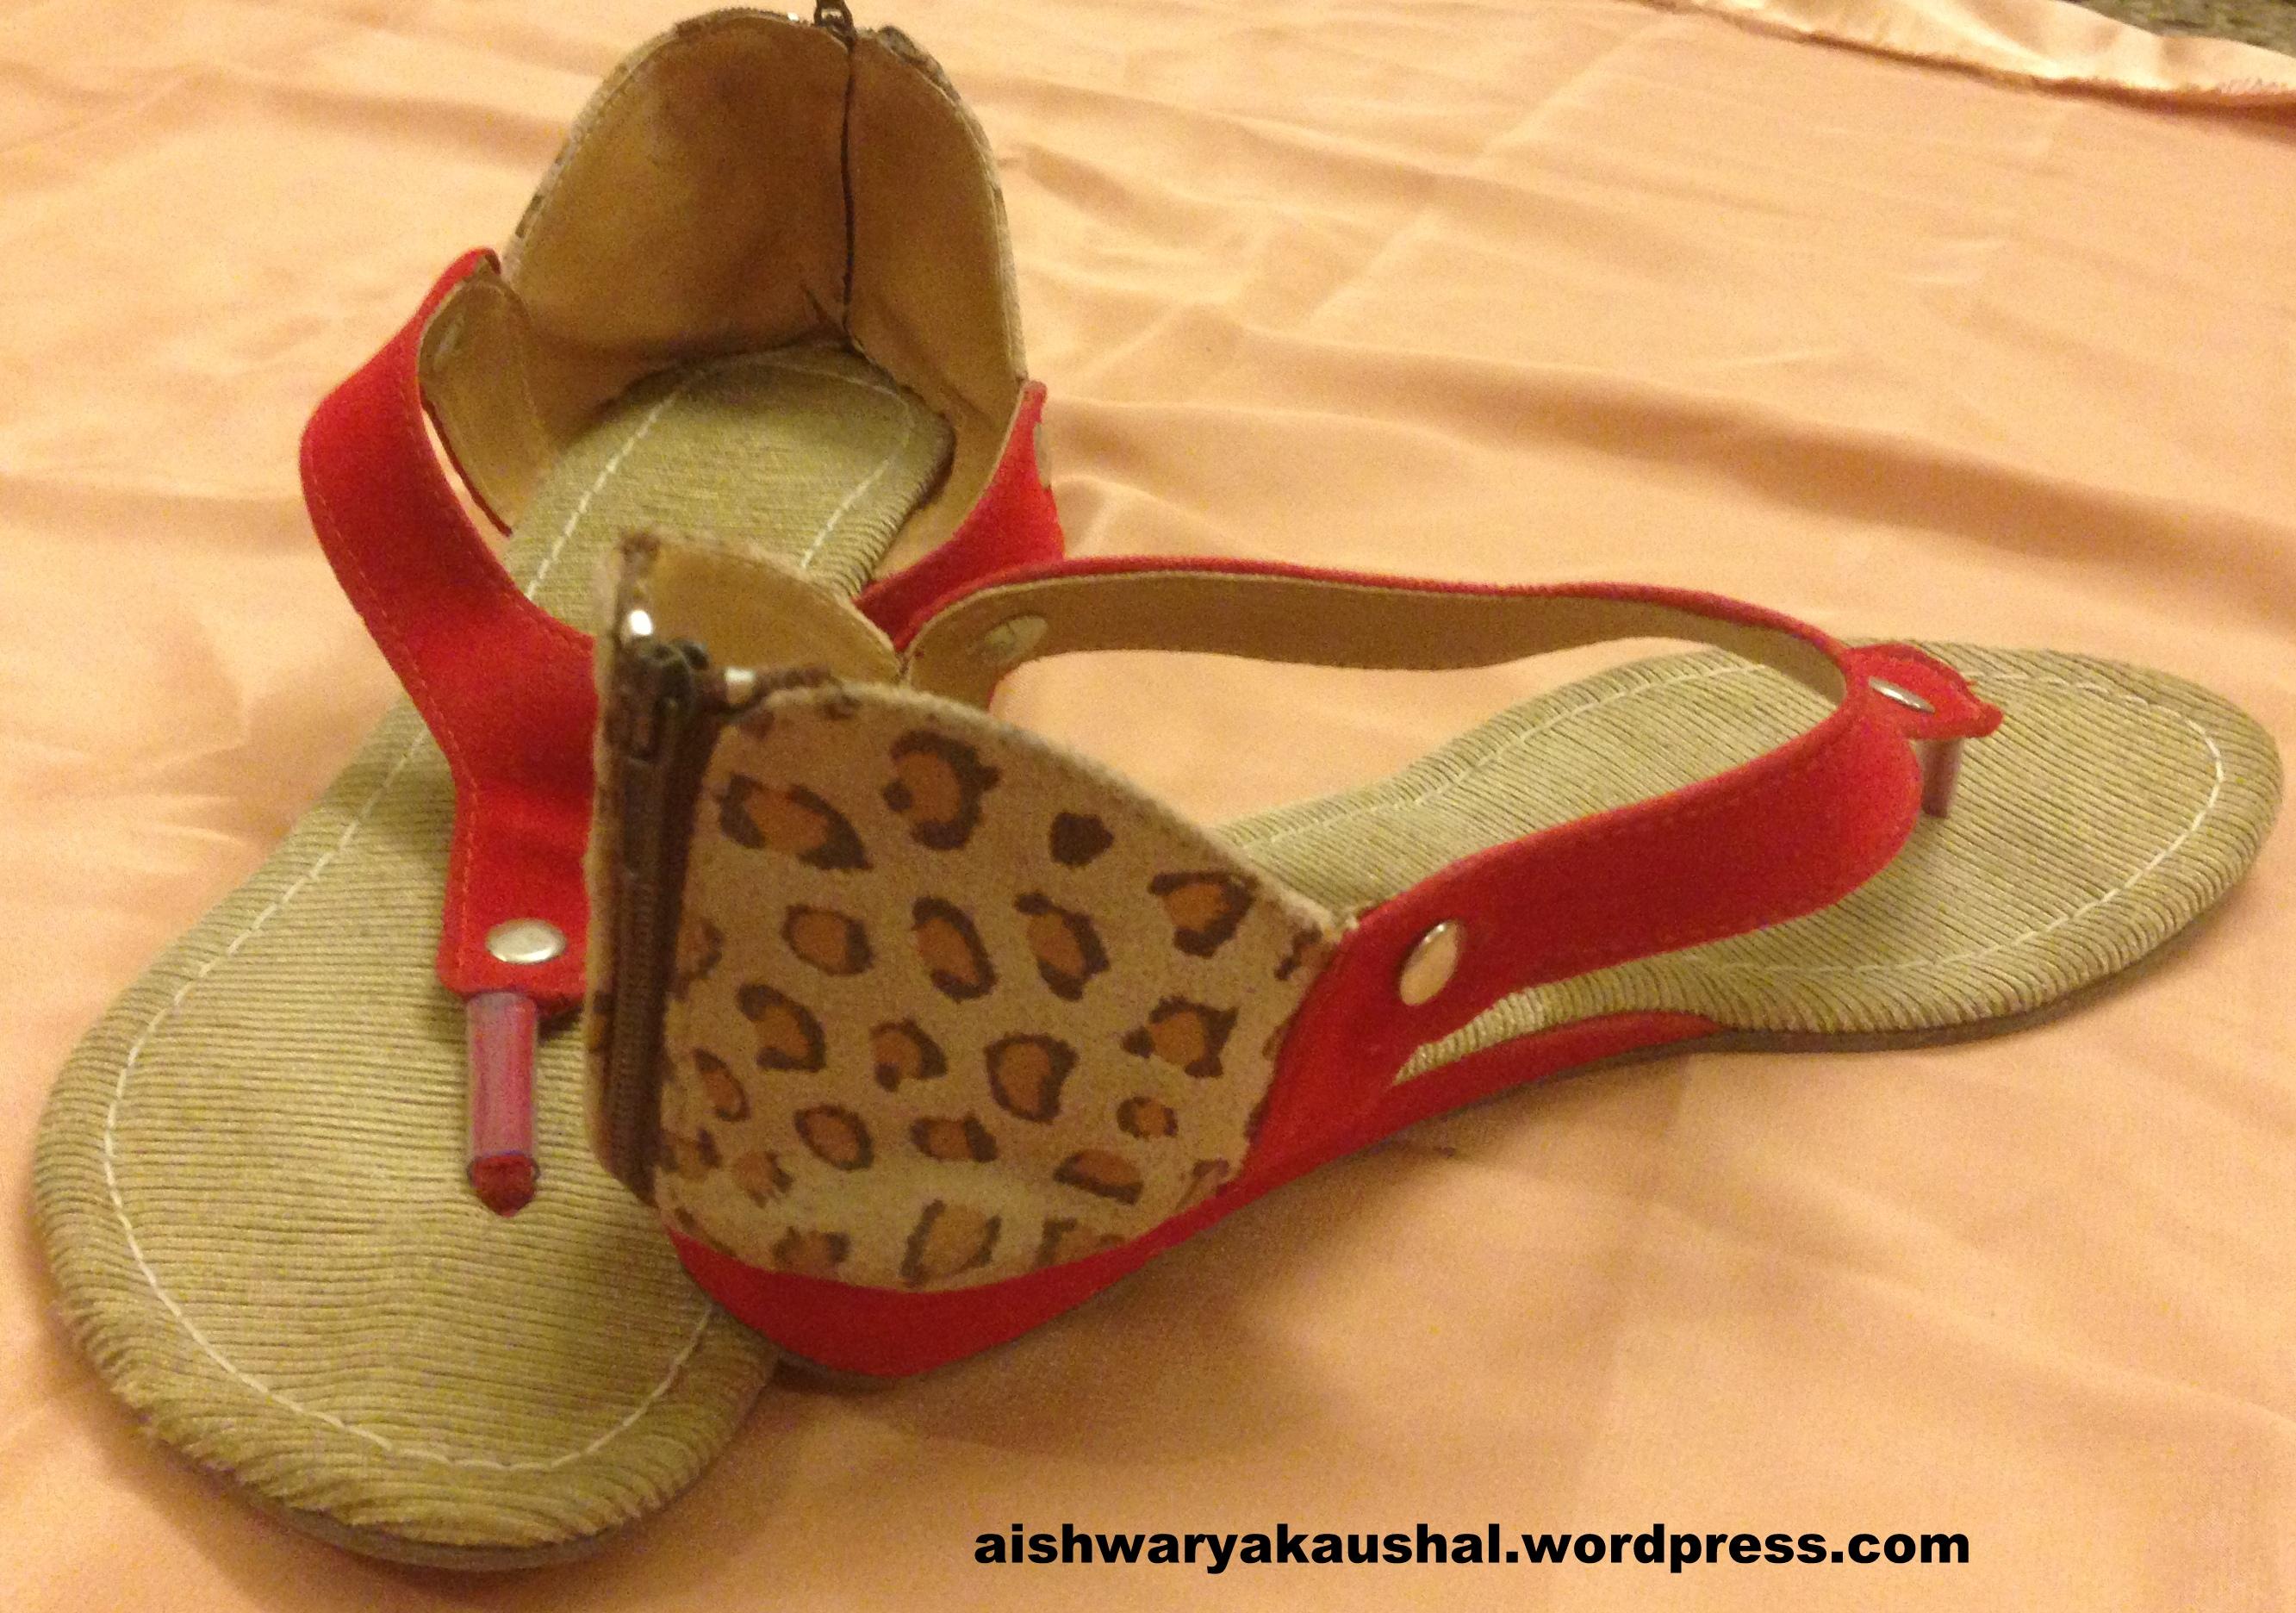 Huge Shoe Sale Online